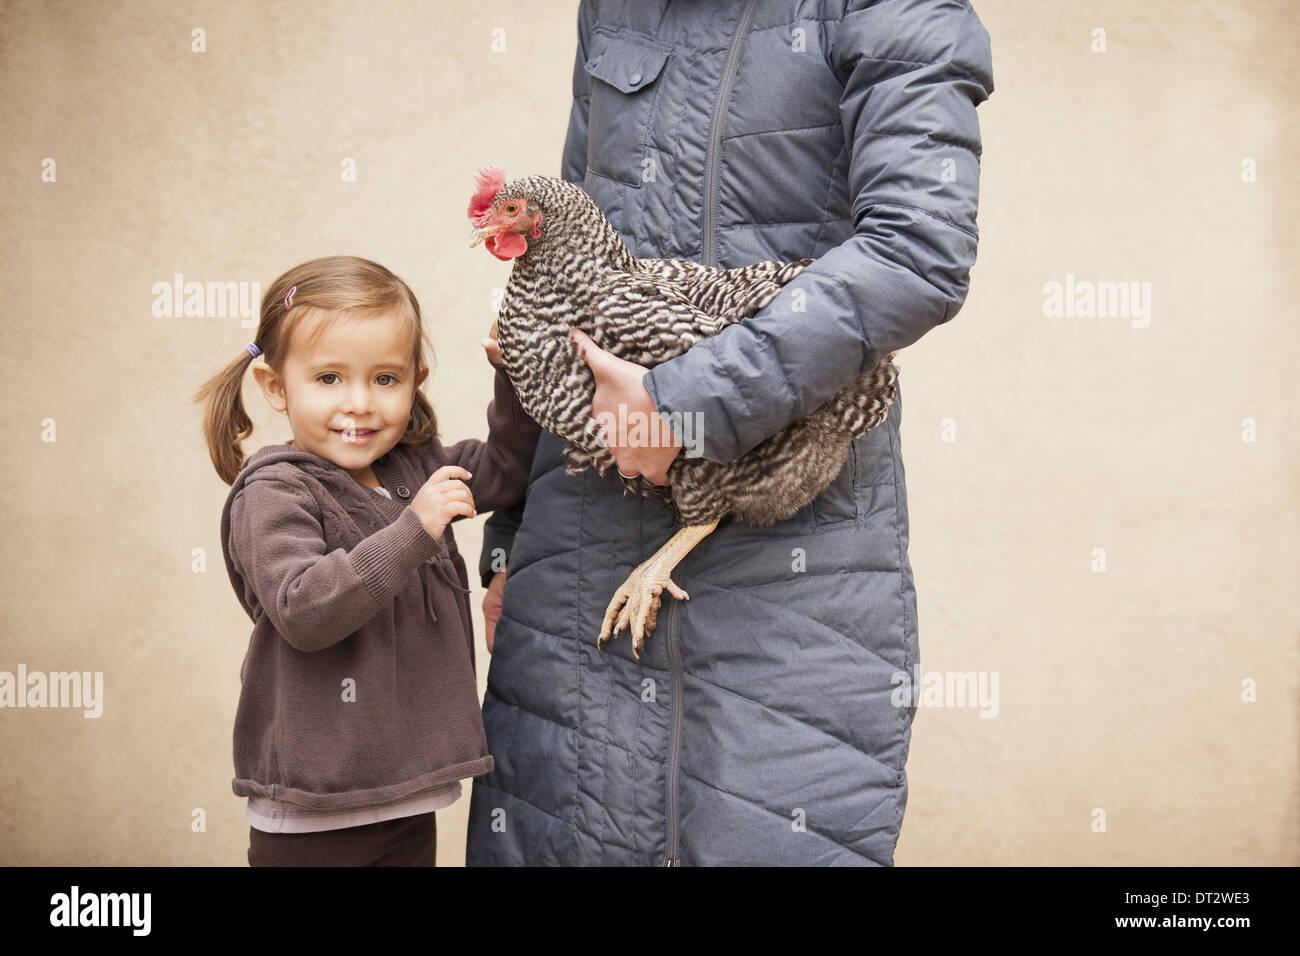 Mujer sosteniendo un pollo blanco y negro con un rojo coxcomb bajo un brazo a una joven muchacha a su lado sosteniendo su otra mano Imagen De Stock